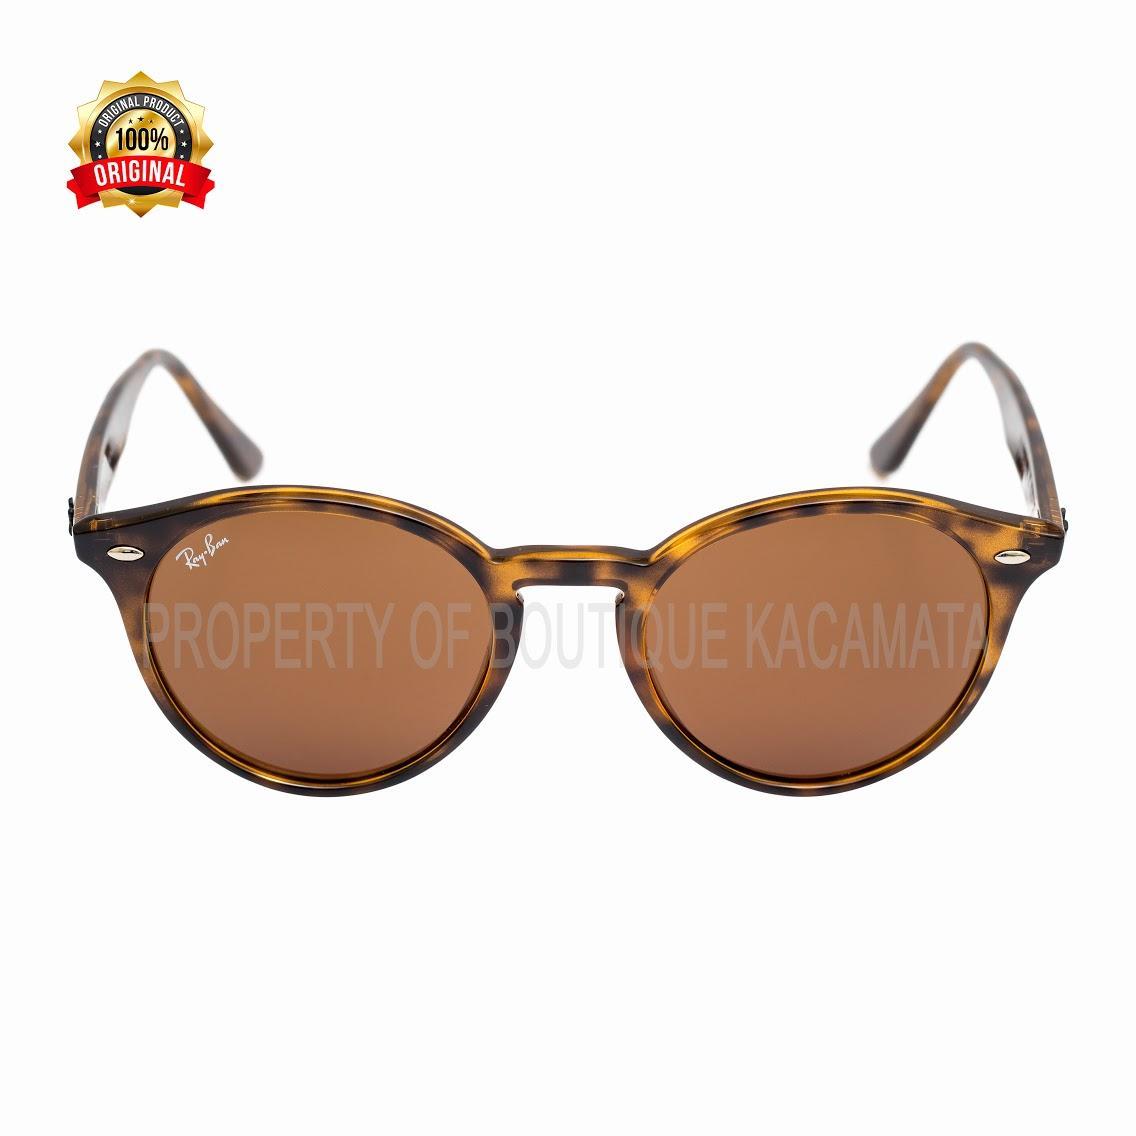 Kacamata Rayban Original 2180F-710/73